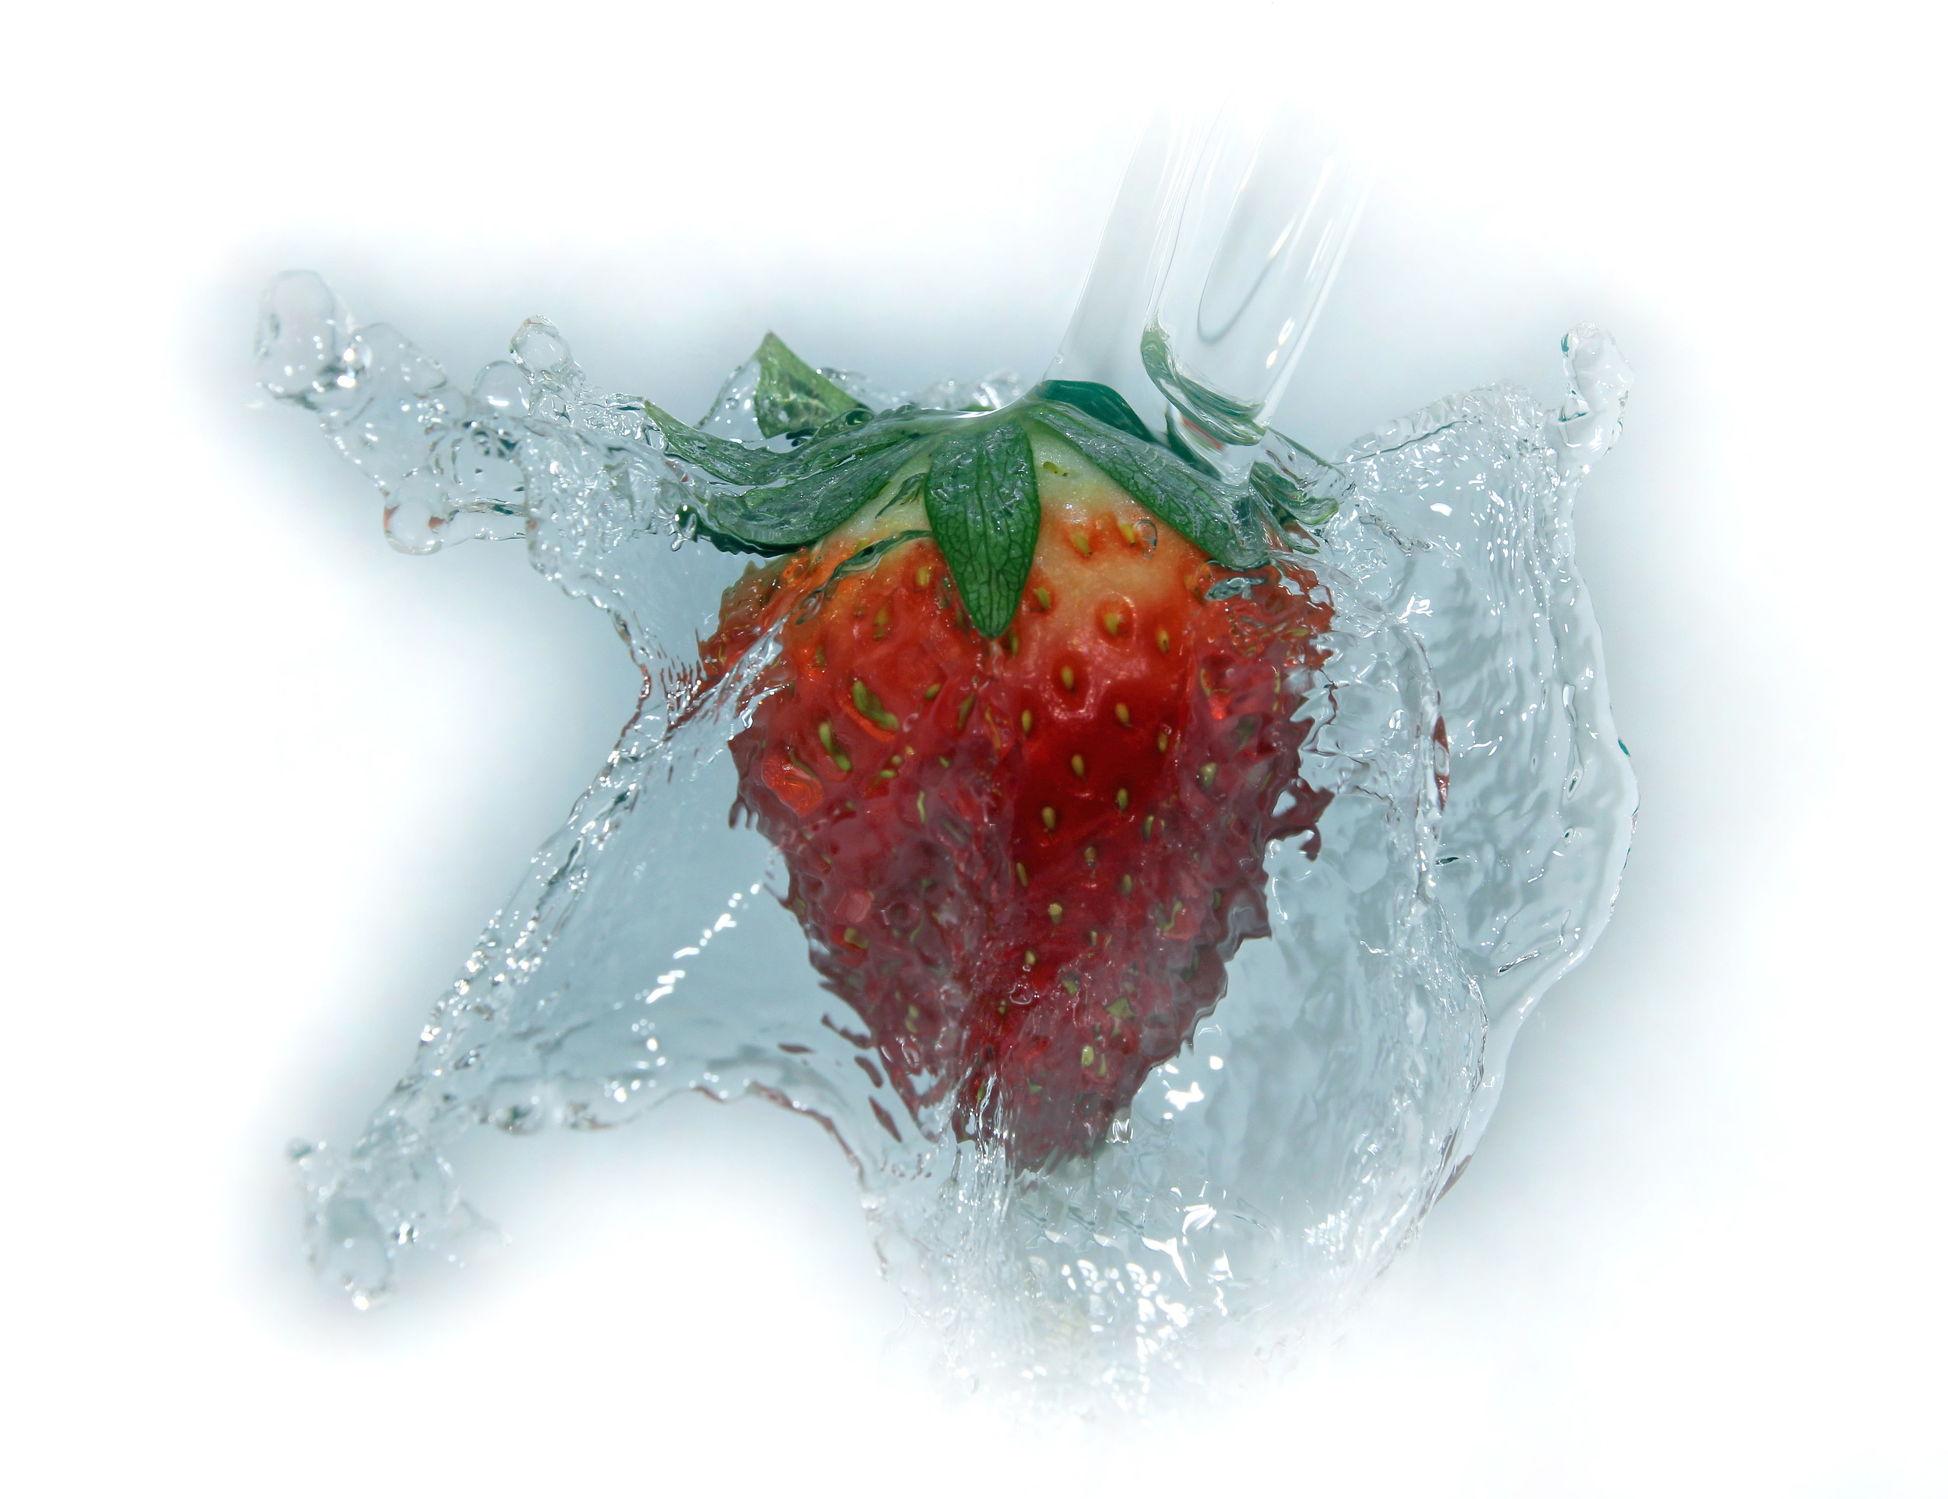 Bild mit Wasser, Früchte, Frucht, Obst, Erdbeere, Erdbeeren, Nahrung, Wassertropfen, Ernährung